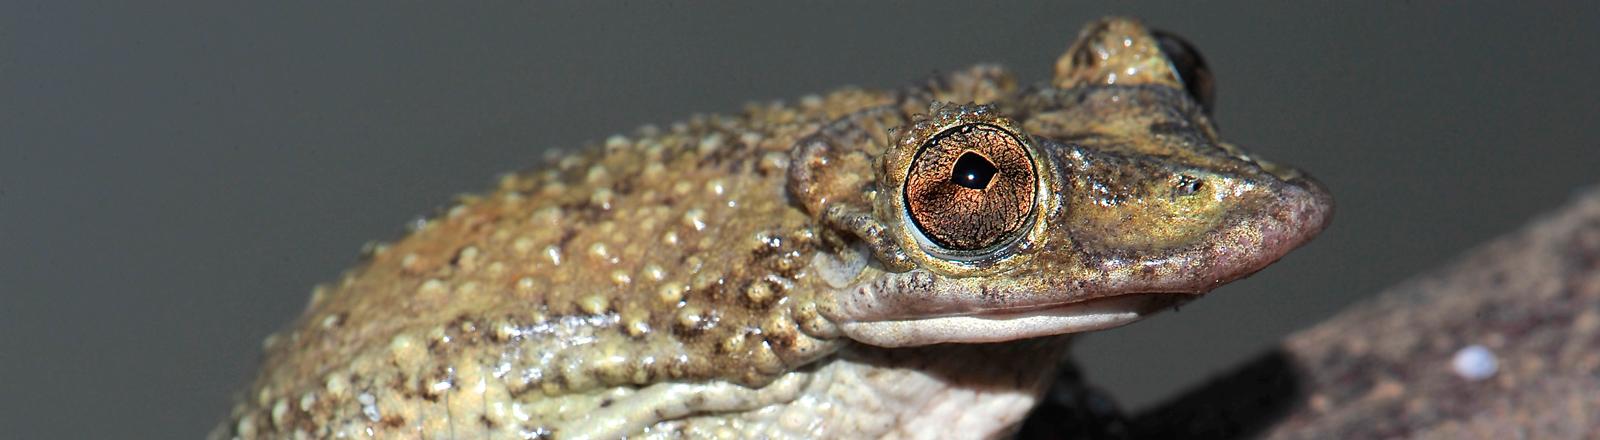 Der Corythomantis greeningi besitzt giftige Stacheln am Schädel.